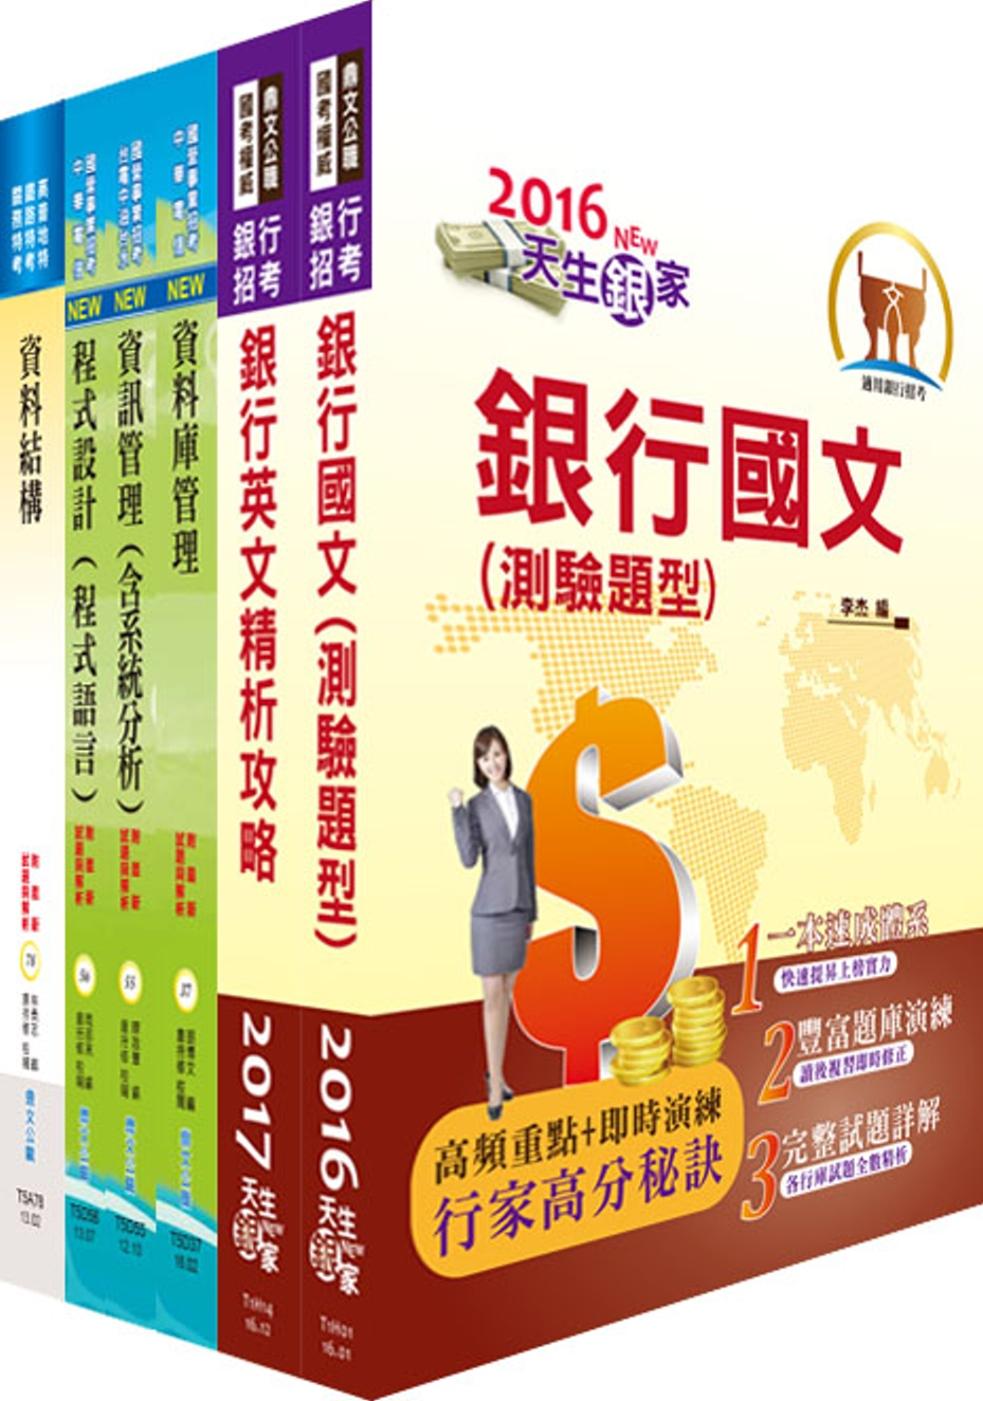 合作金庫(開放系統第一類程式設計人員)套書(贈題庫網帳號、雲端課程)